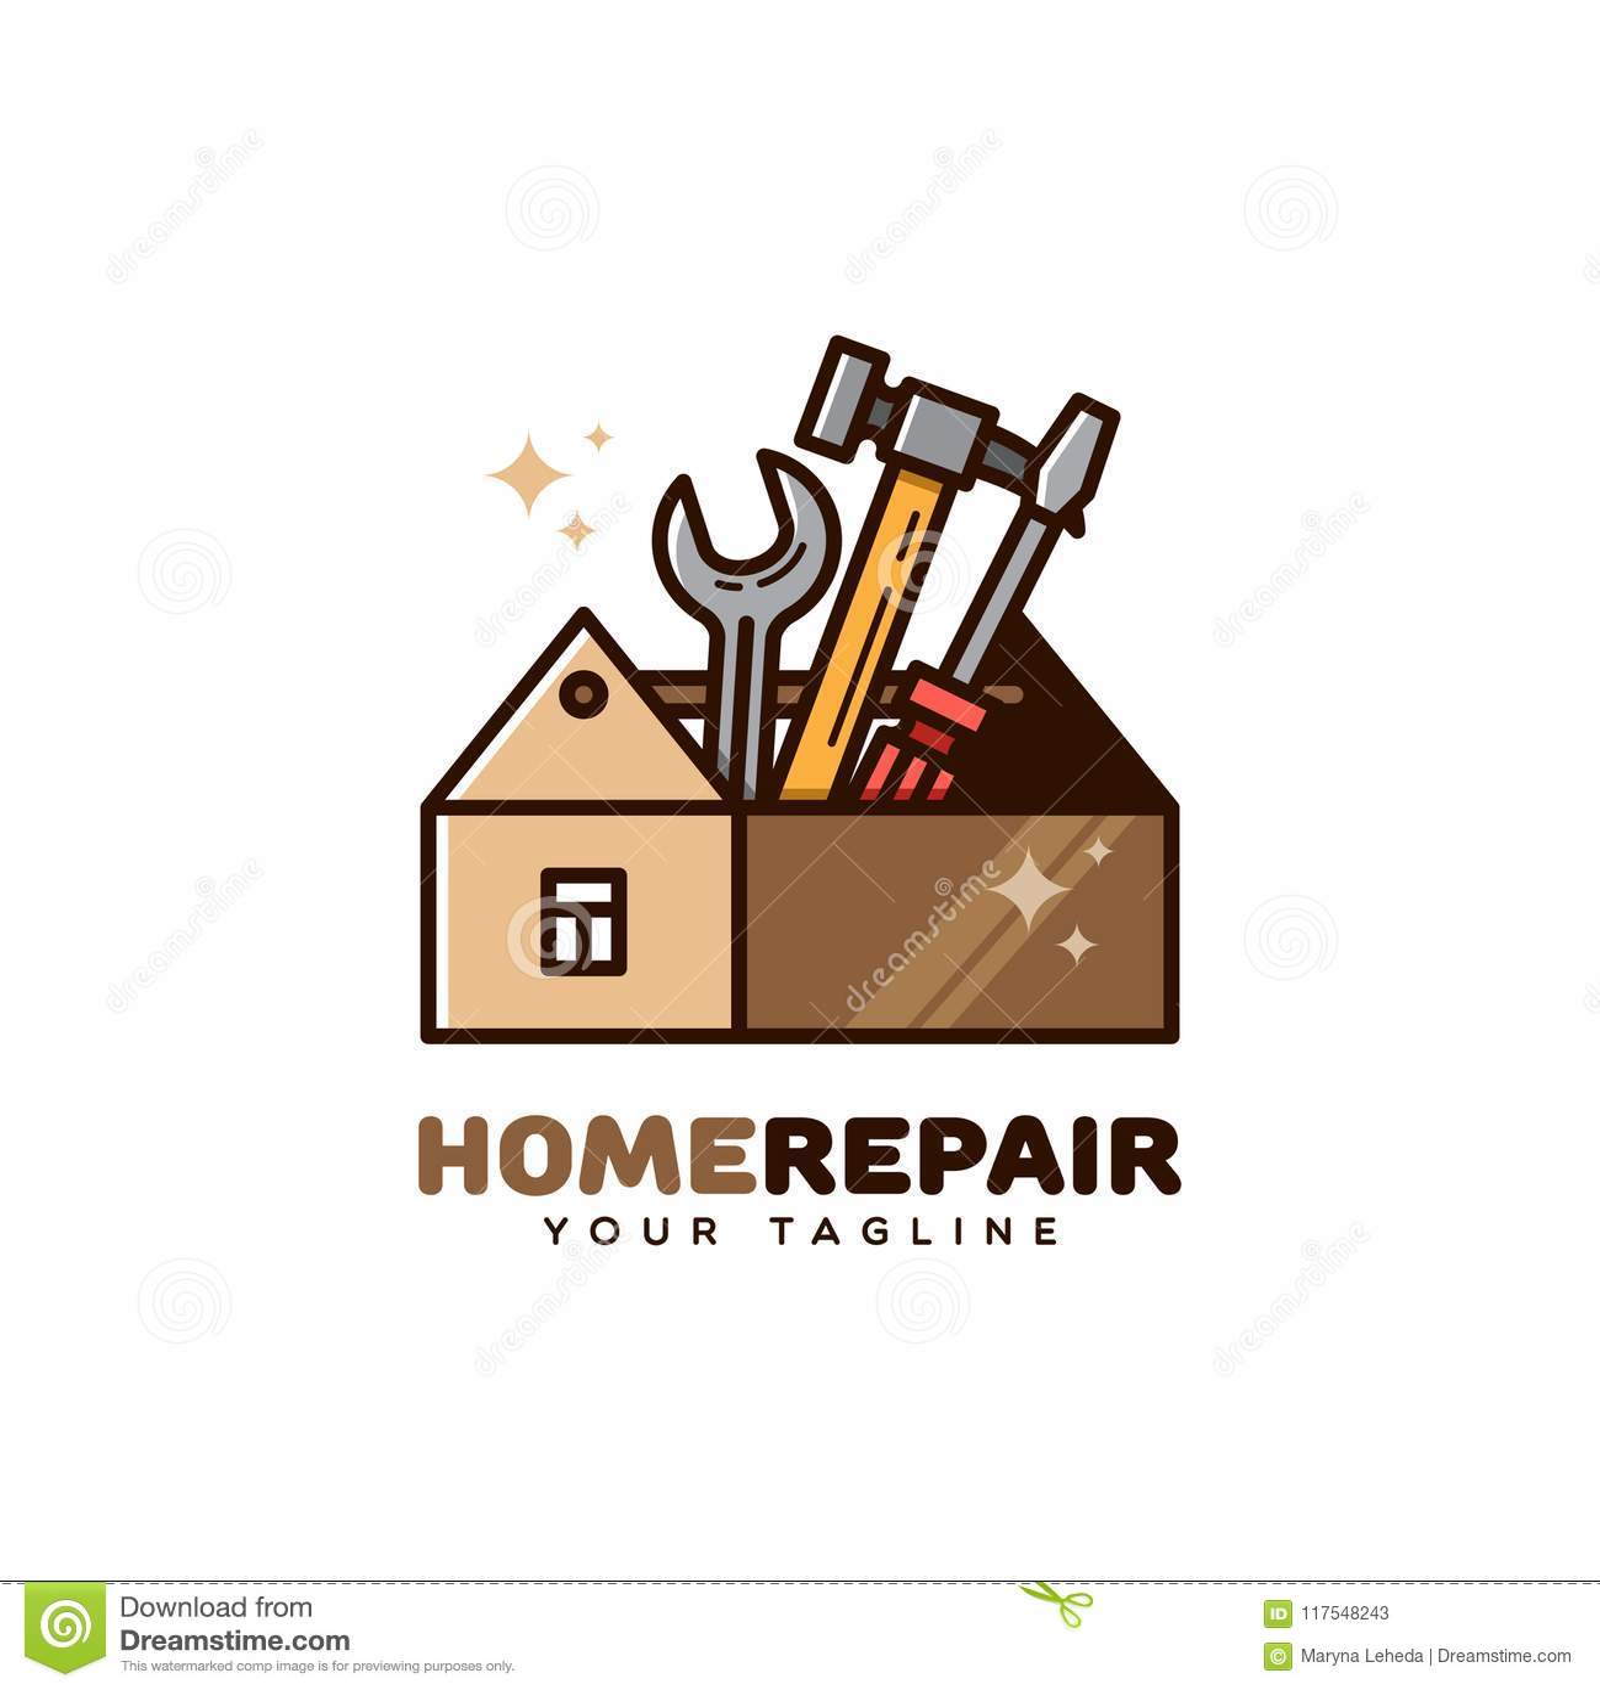 Home Repair Service Logo Stock Vector Illustration Of Repair 117548243